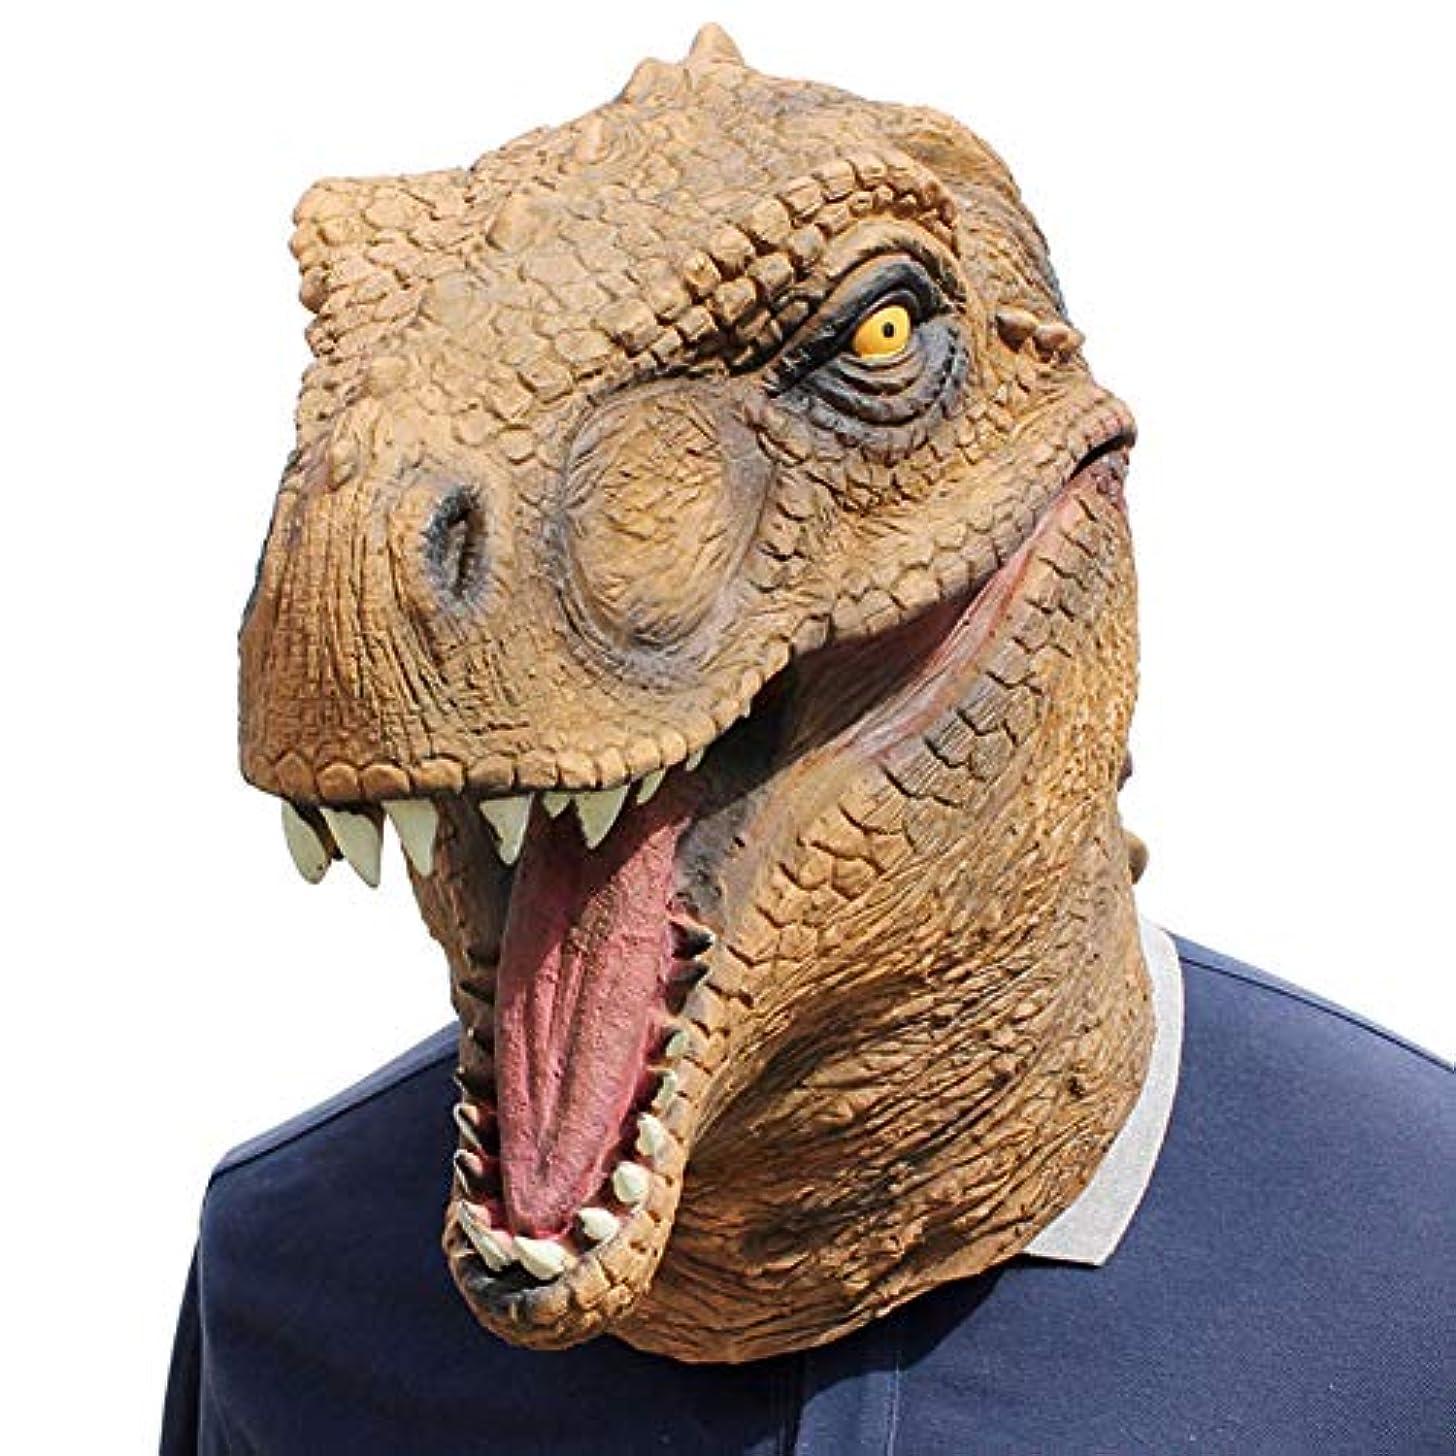 可能にする無礼に面倒ハロウィーンマスク、恐竜ラテックスマスク、ハロウィーン、テーマパーティー、カーニバル、レイブパーティー、バー、小道具。